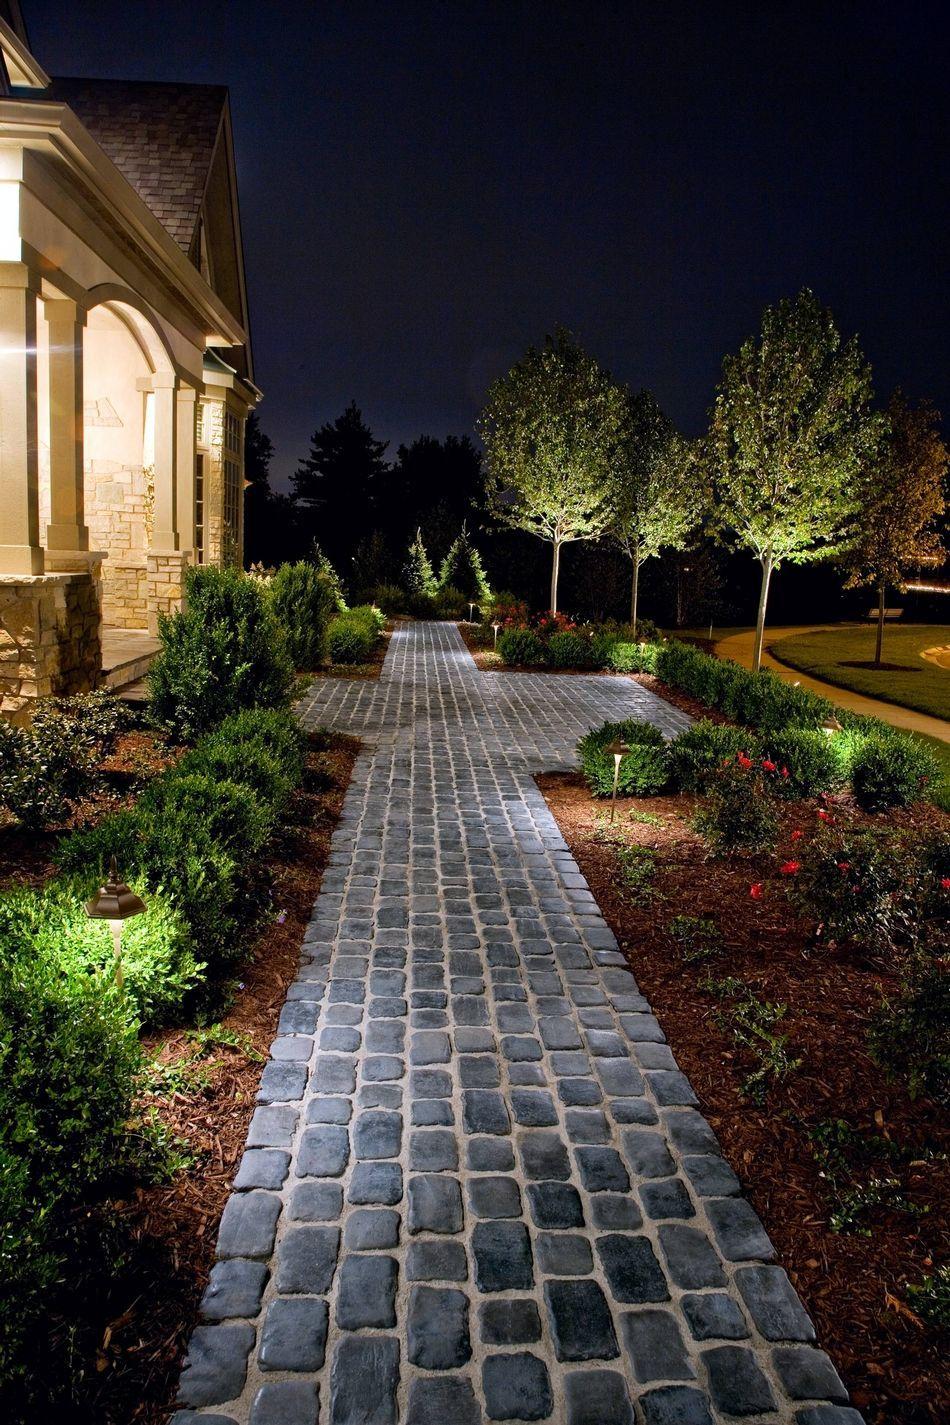 Courtstone Walkway Available At Vanbeek S Garden Supplies Http Www Vanbeeks Com Lan With Images Outdoor Walkway Landscape Lighting Ideas Walkways Cobblestone Walkway